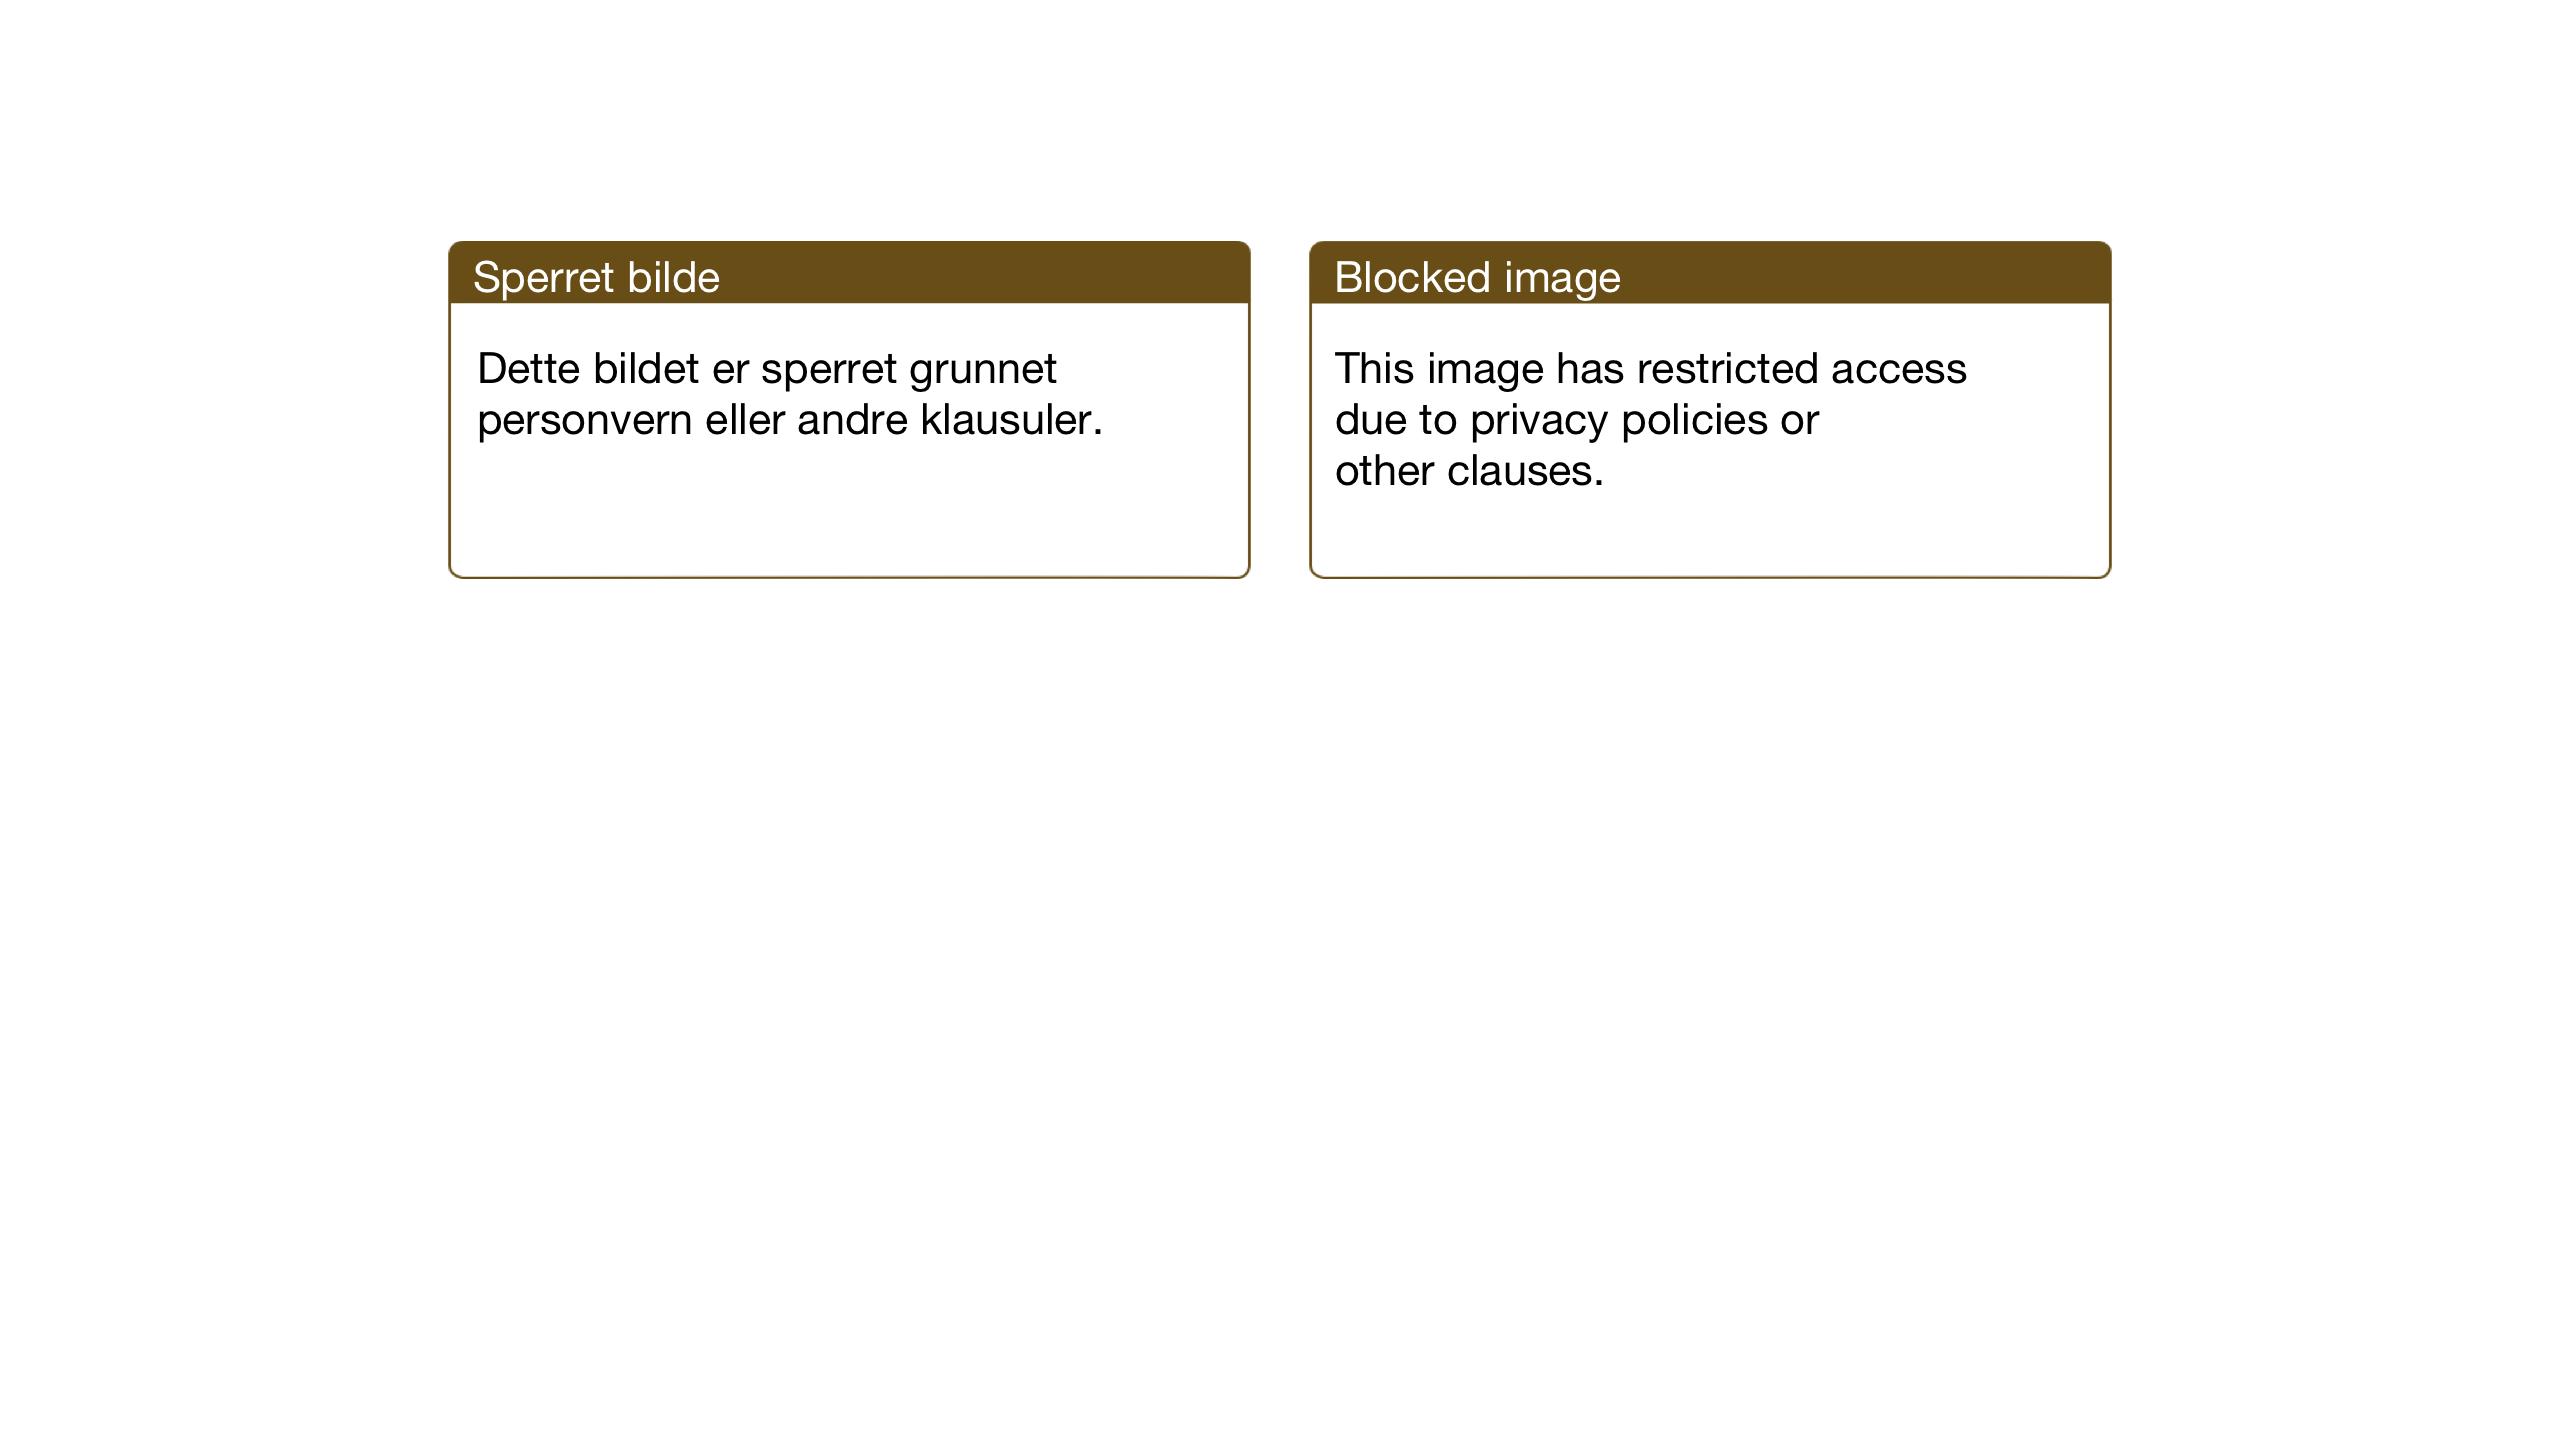 SAT, Ministerialprotokoller, klokkerbøker og fødselsregistre - Nord-Trøndelag, 730/L0304: Klokkerbok nr. 730C07, 1934-1945, s. 31